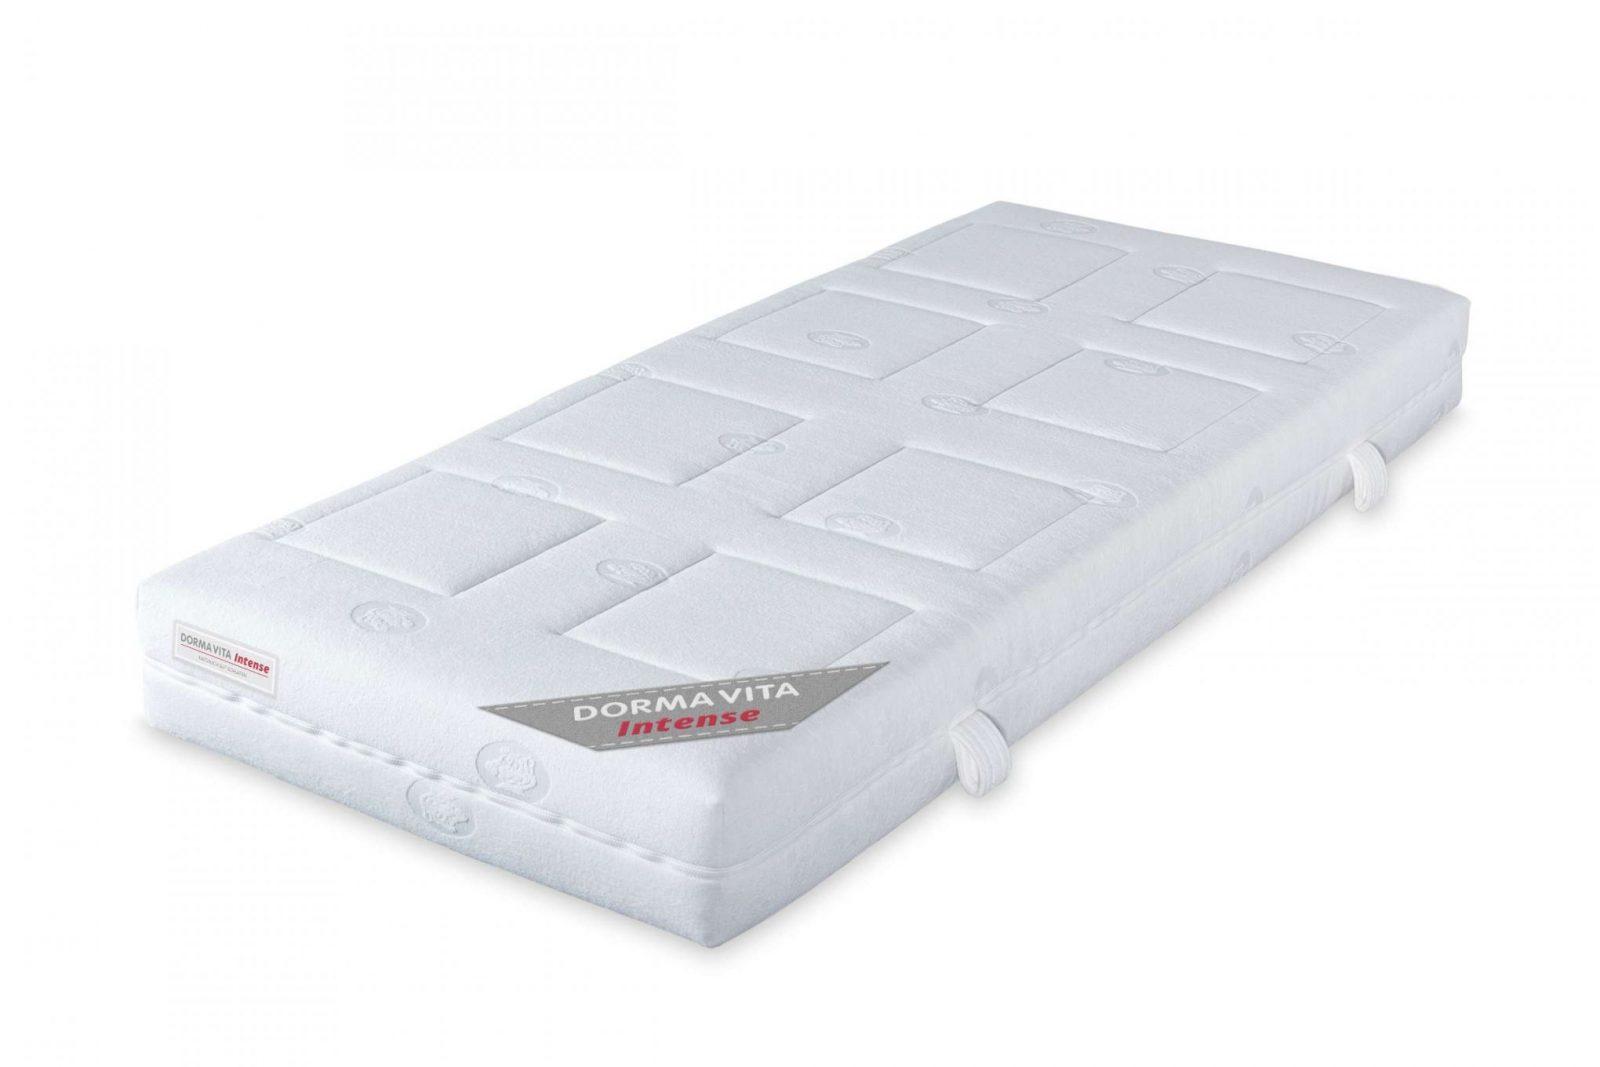 matratze 120 200 d nisches bettenlager matratz ideen von. Black Bedroom Furniture Sets. Home Design Ideas